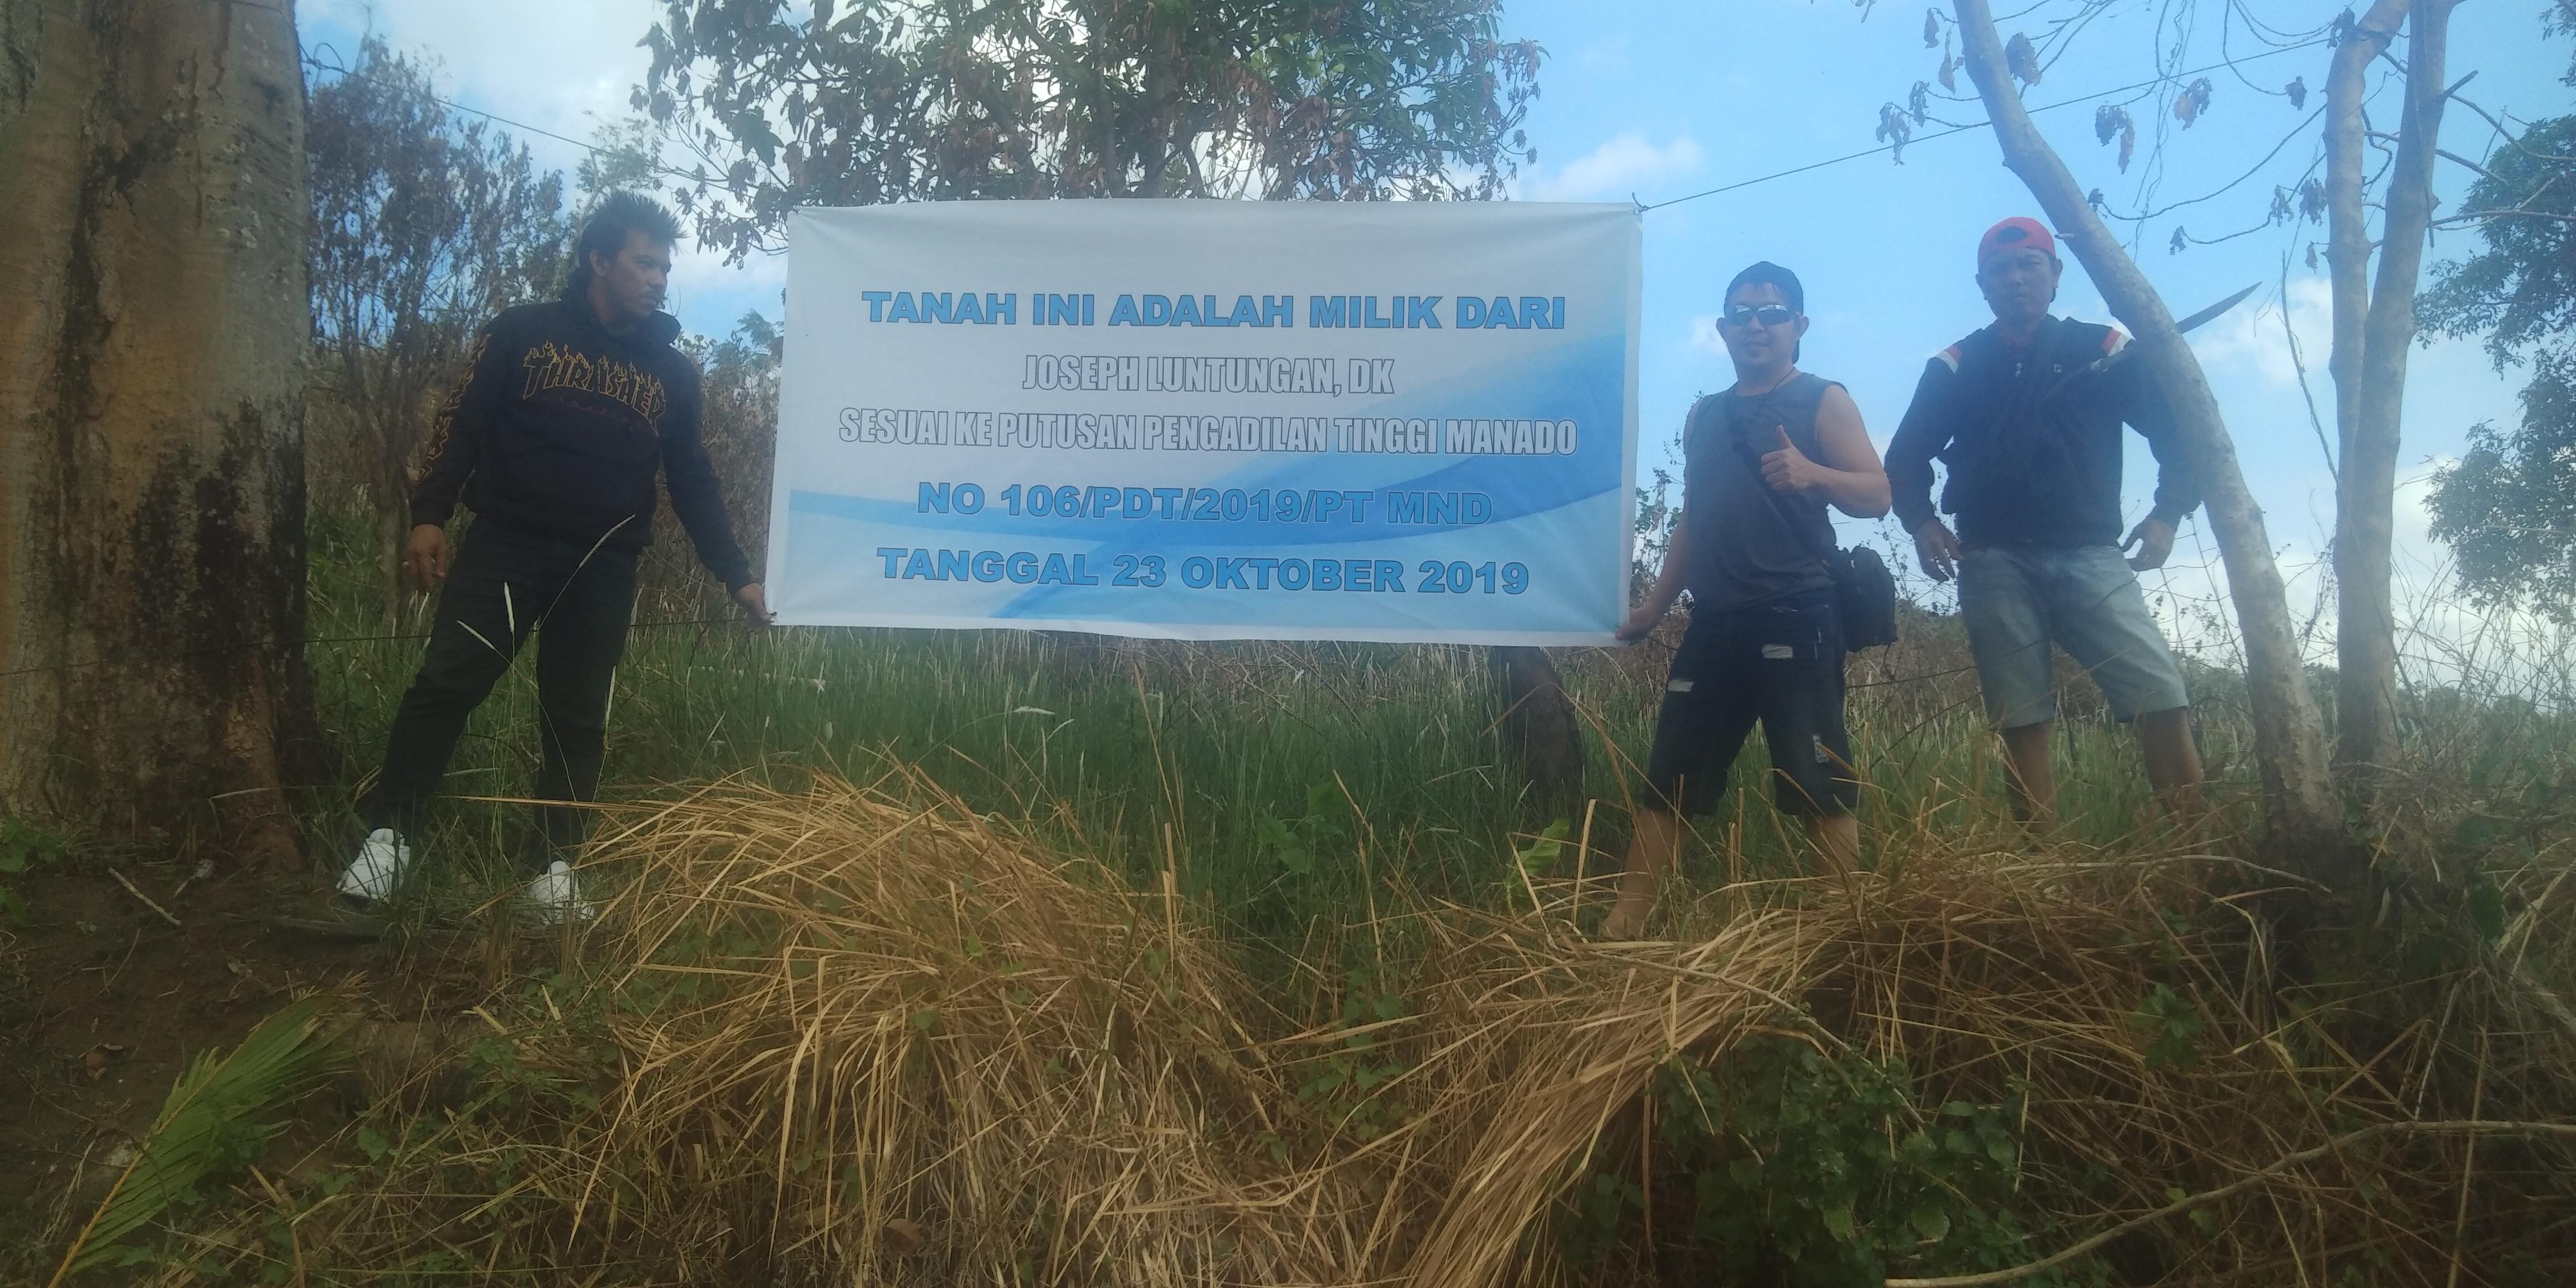 Warning PT MSM/TTN Lakukan Aktifitas di Perkebunan Kayuwale, Joseph Luntungan DK Menang di Pengadilan Tinggi Manado